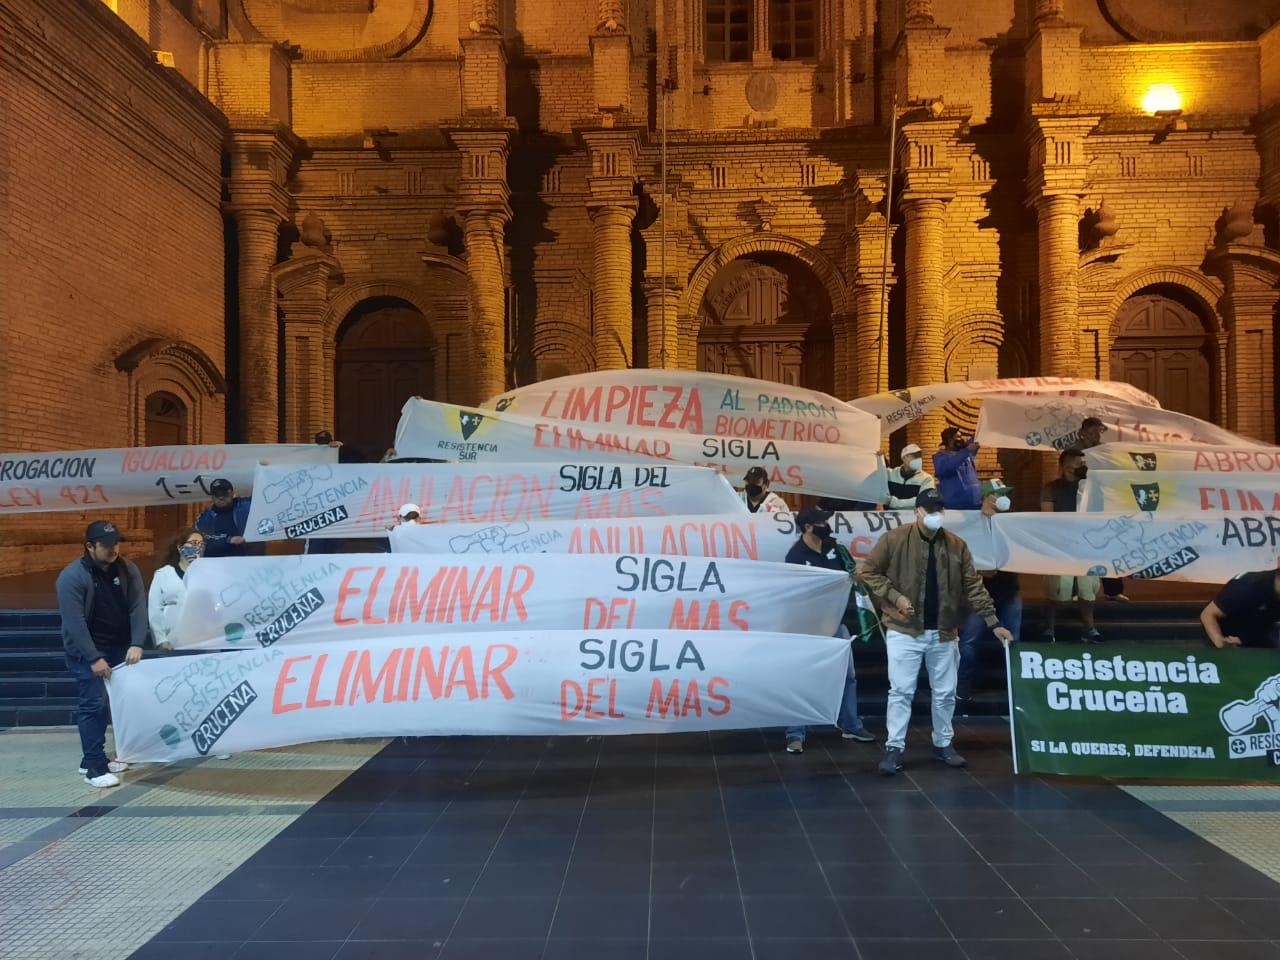 Vigilia de la Resistencia Cruceña instalada el domingo en la plaza 24 de Septiembre / RRSS